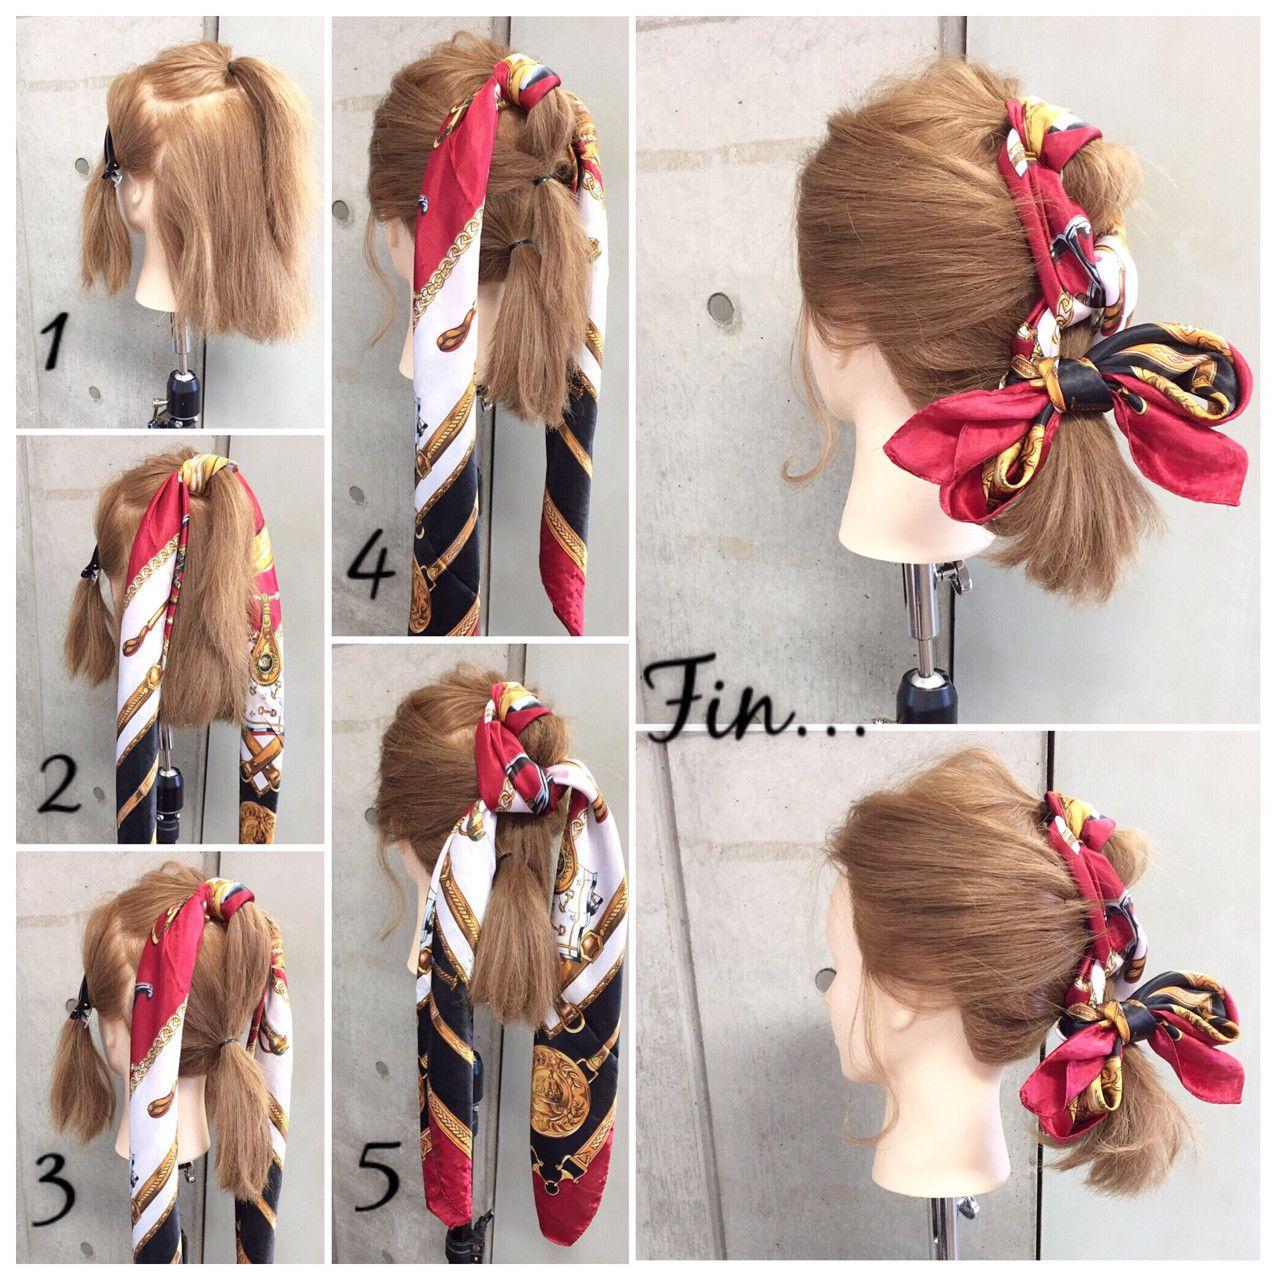 Hair おしゃれまとめの人気アイデア Pinterest Shauna Cardwell